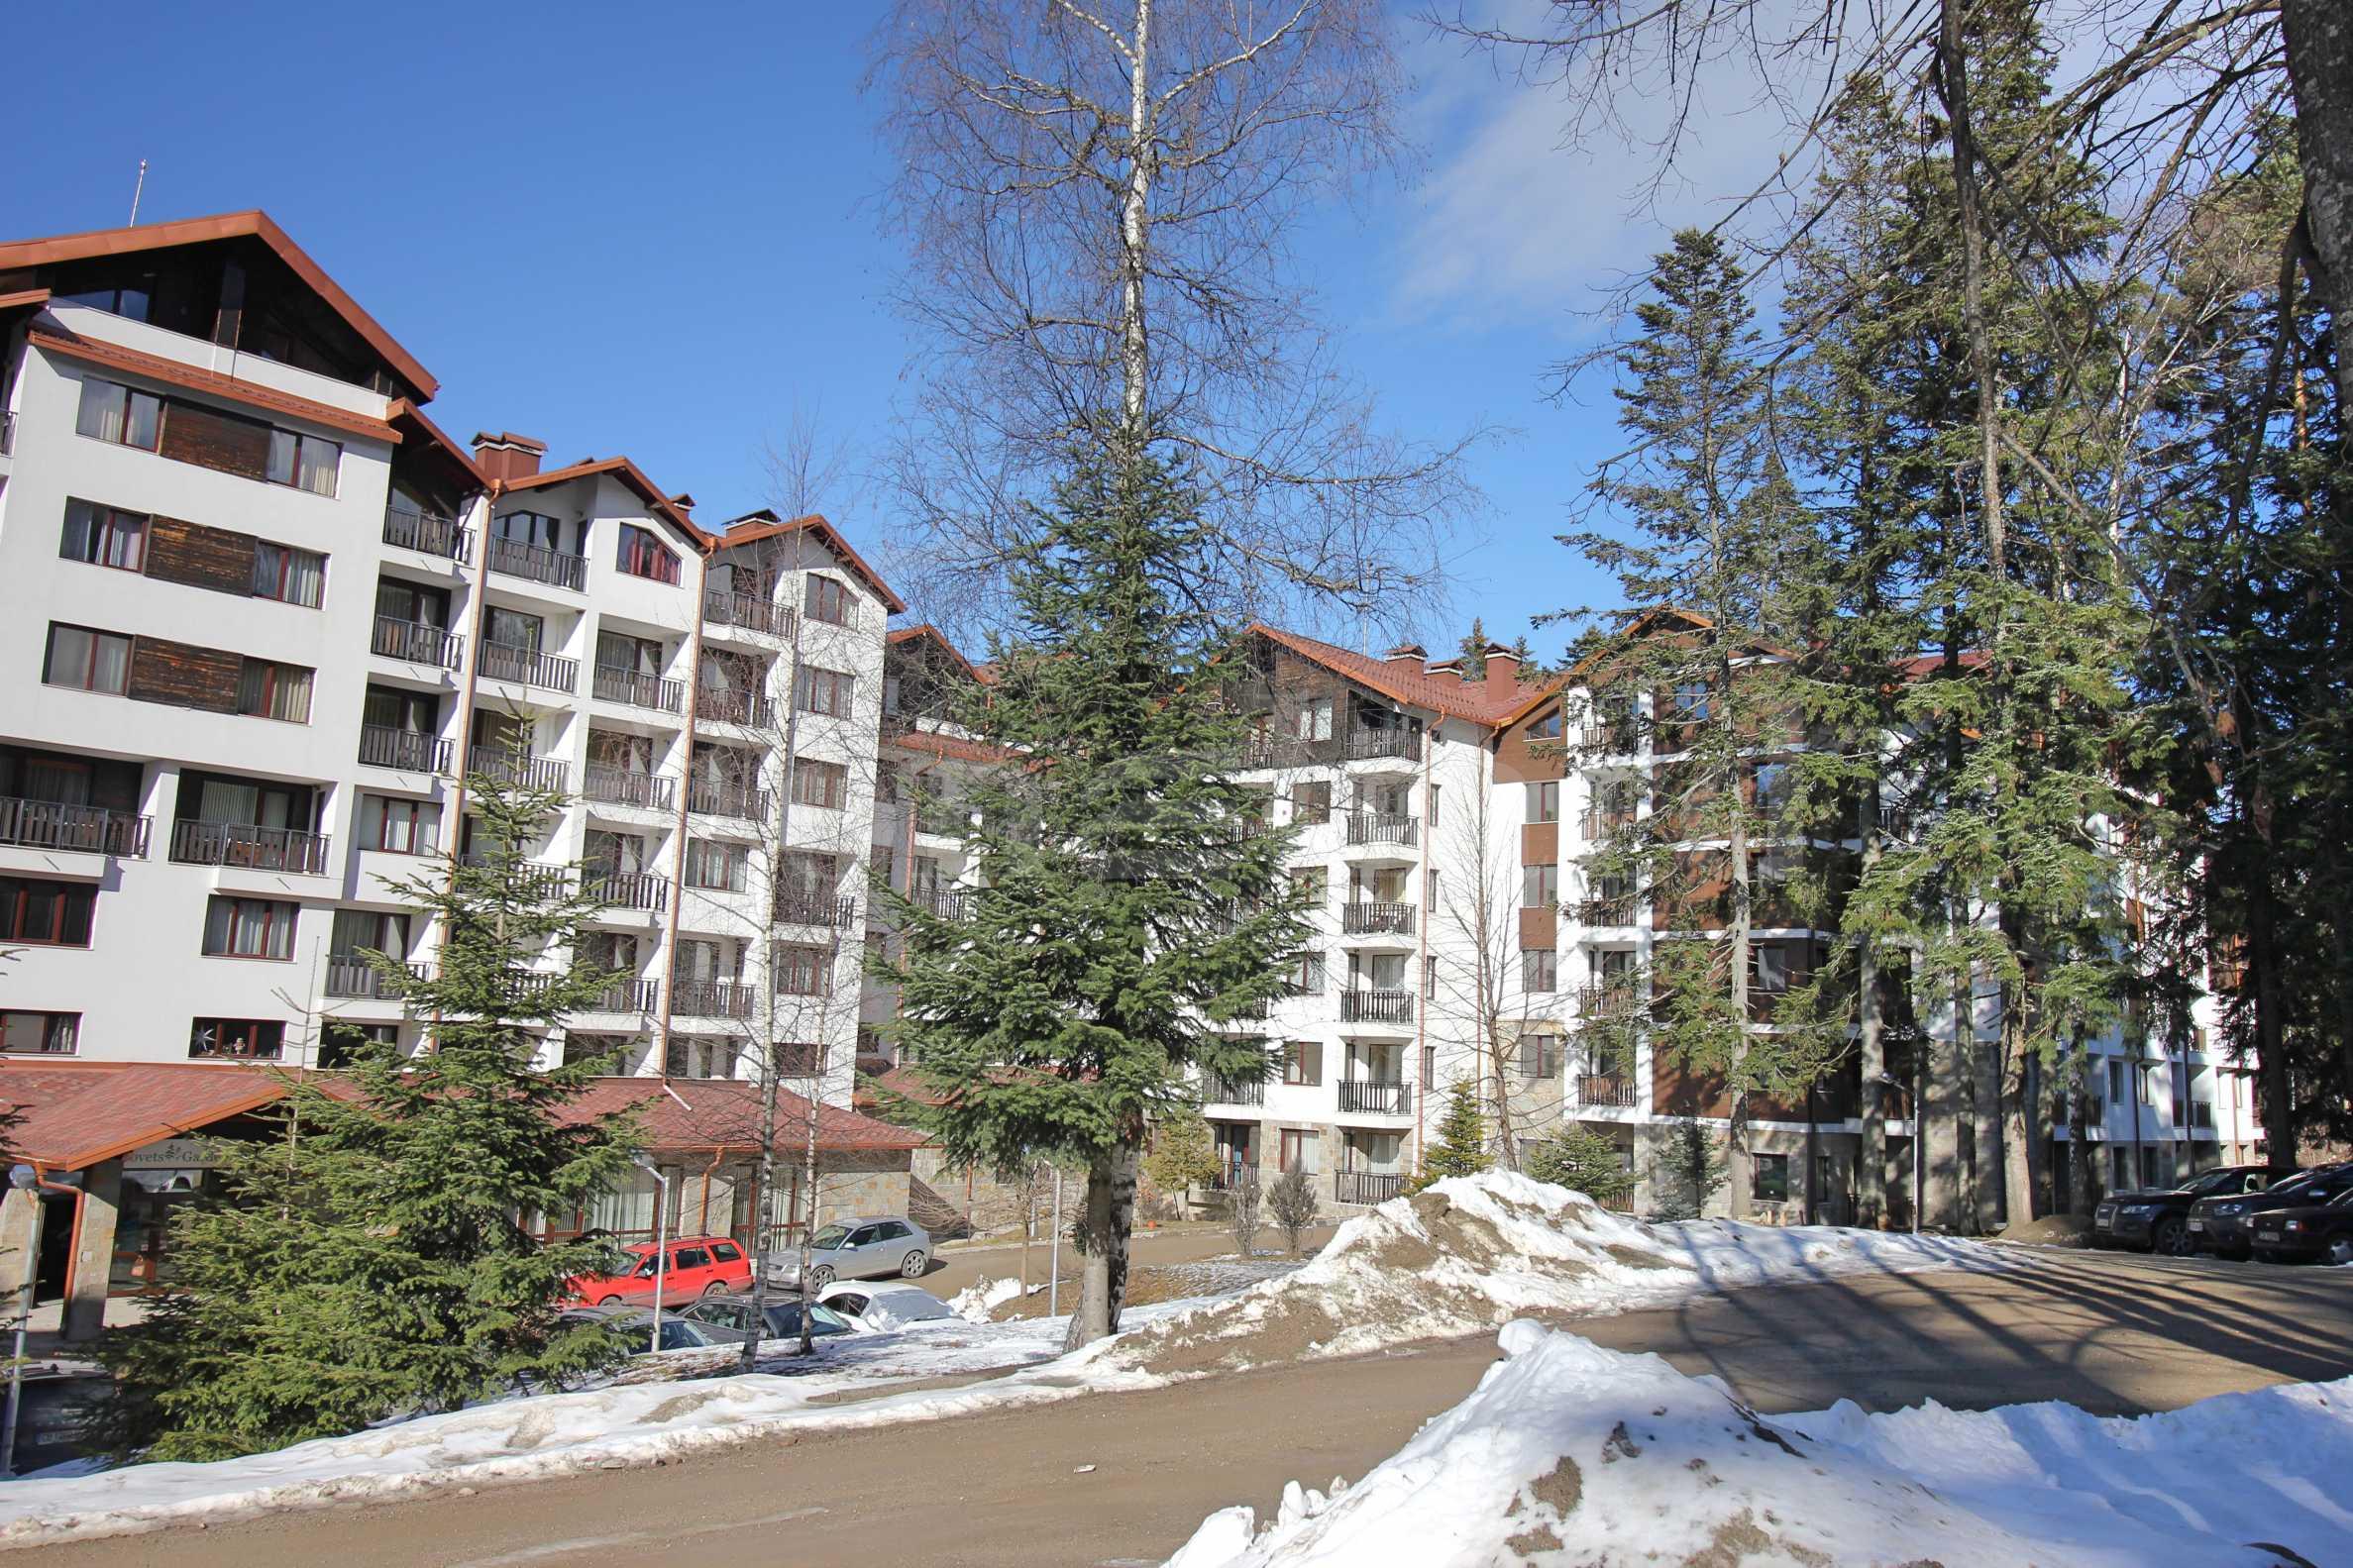 Боровец Гардънс 2 - aпартаменти в новостроящата се втора фаза на комплекса. 2 - Stonehard